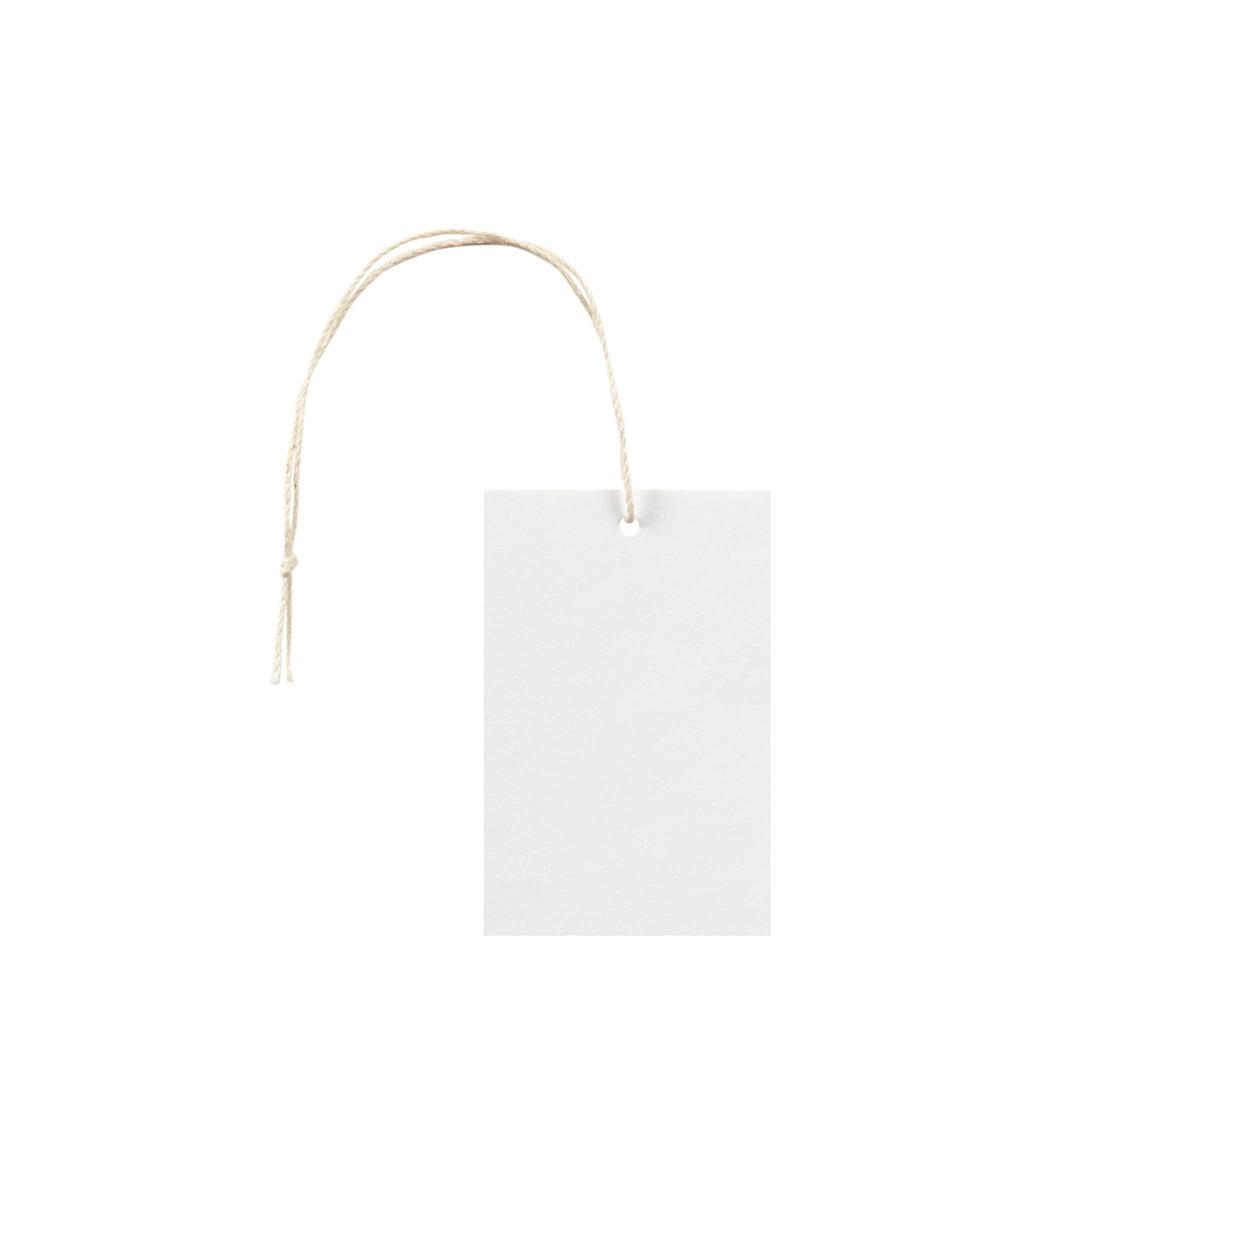 タグ45×70四角形 コットンスノーホワイト 232.8g タグ紐(細)コットン生成